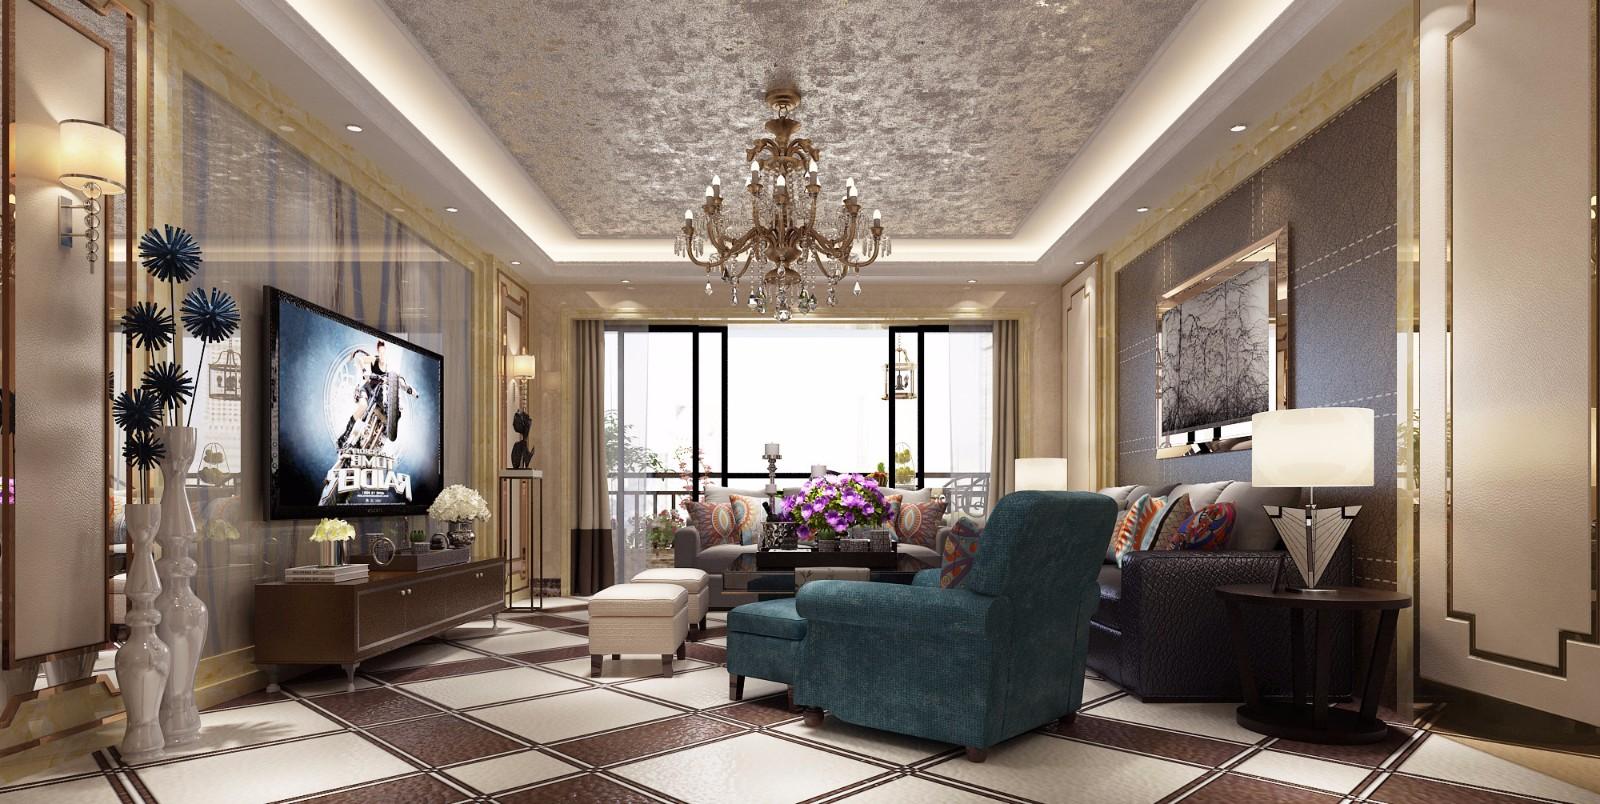 2021后现代240平米装修图片 2021后现代套房设计图片